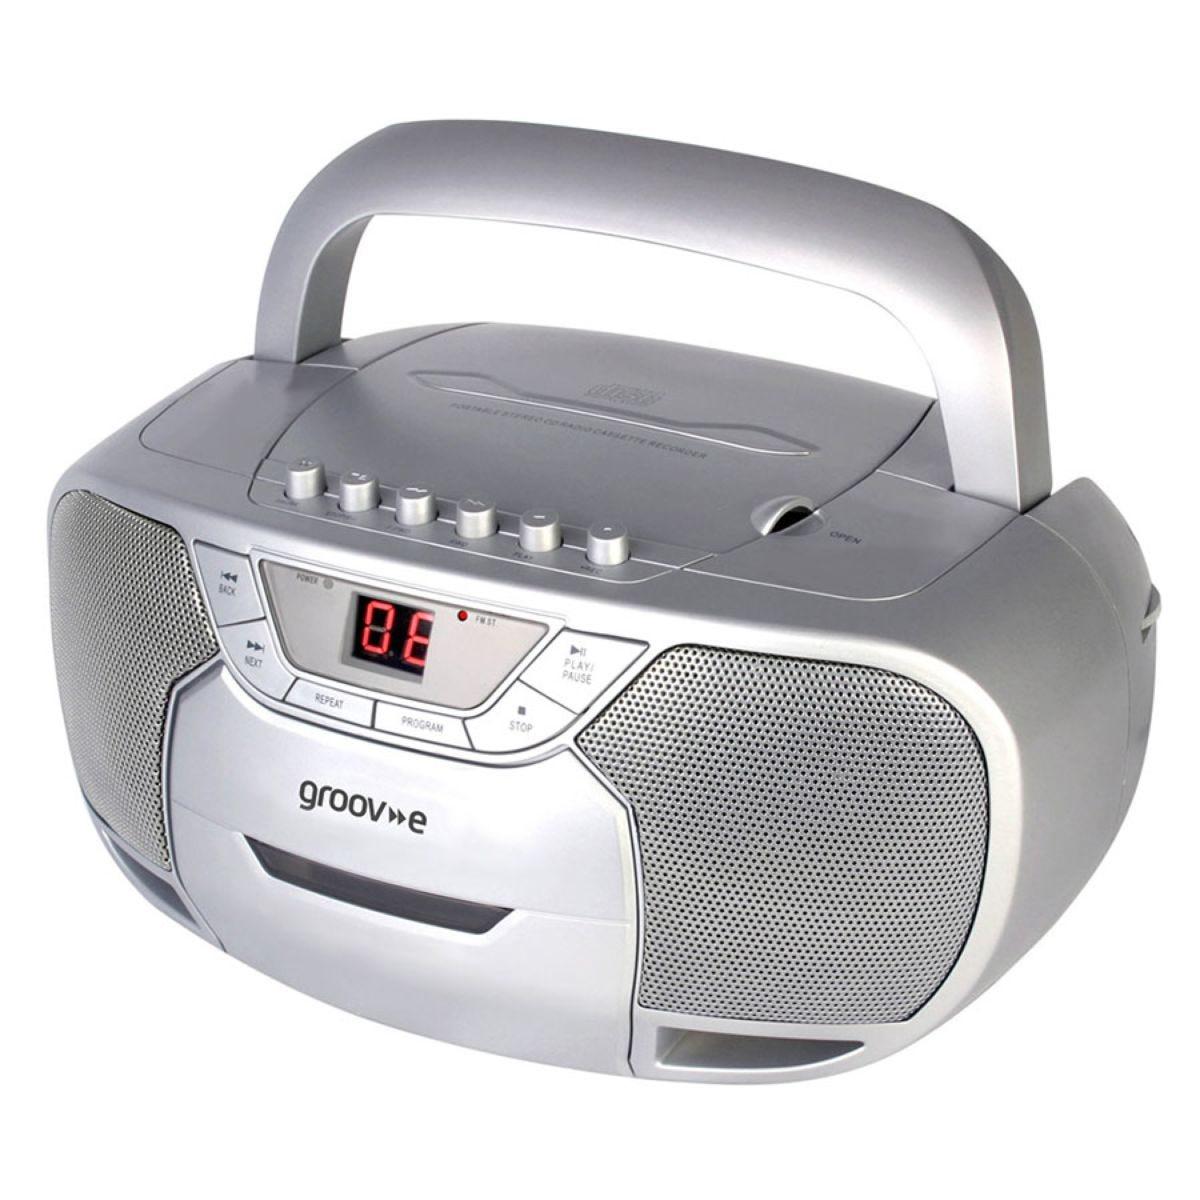 Groov-e Portable CD/Radio/Cassette Boombox – Silver